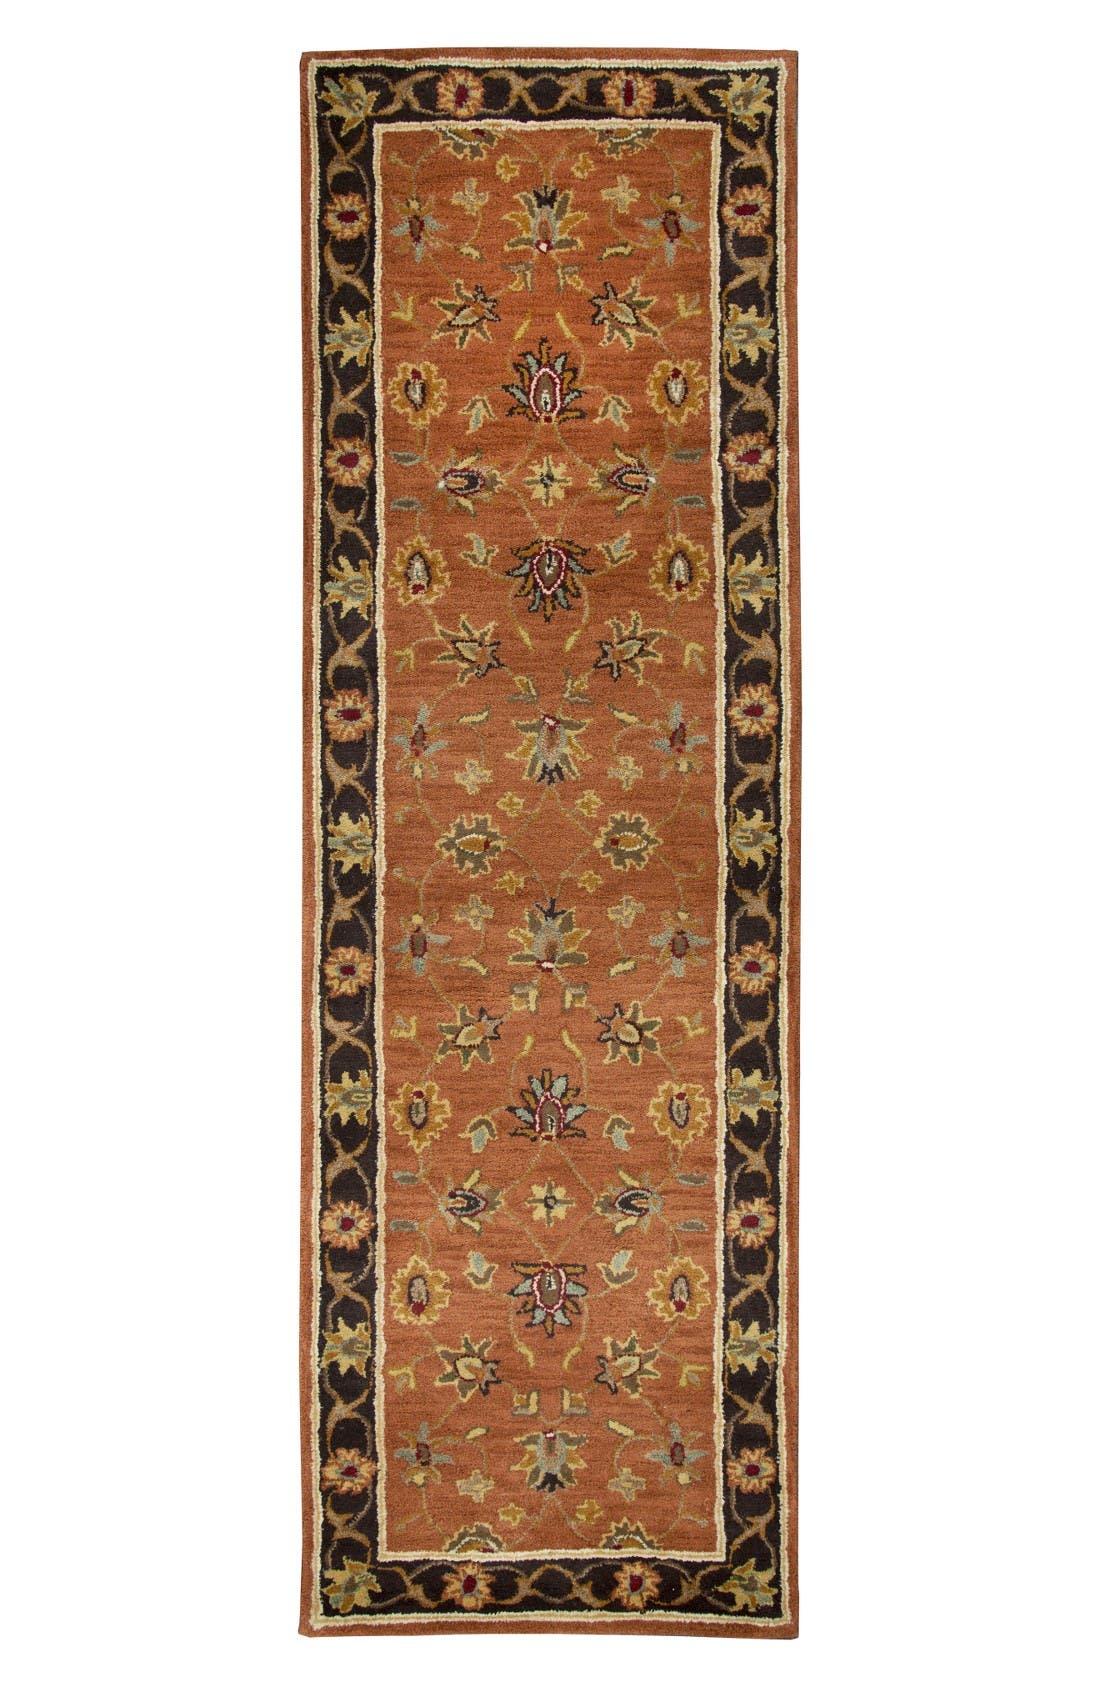 Amalia Hand Tufted Wool Area Rug,                             Alternate thumbnail 3, color,                             Rust/ Multi